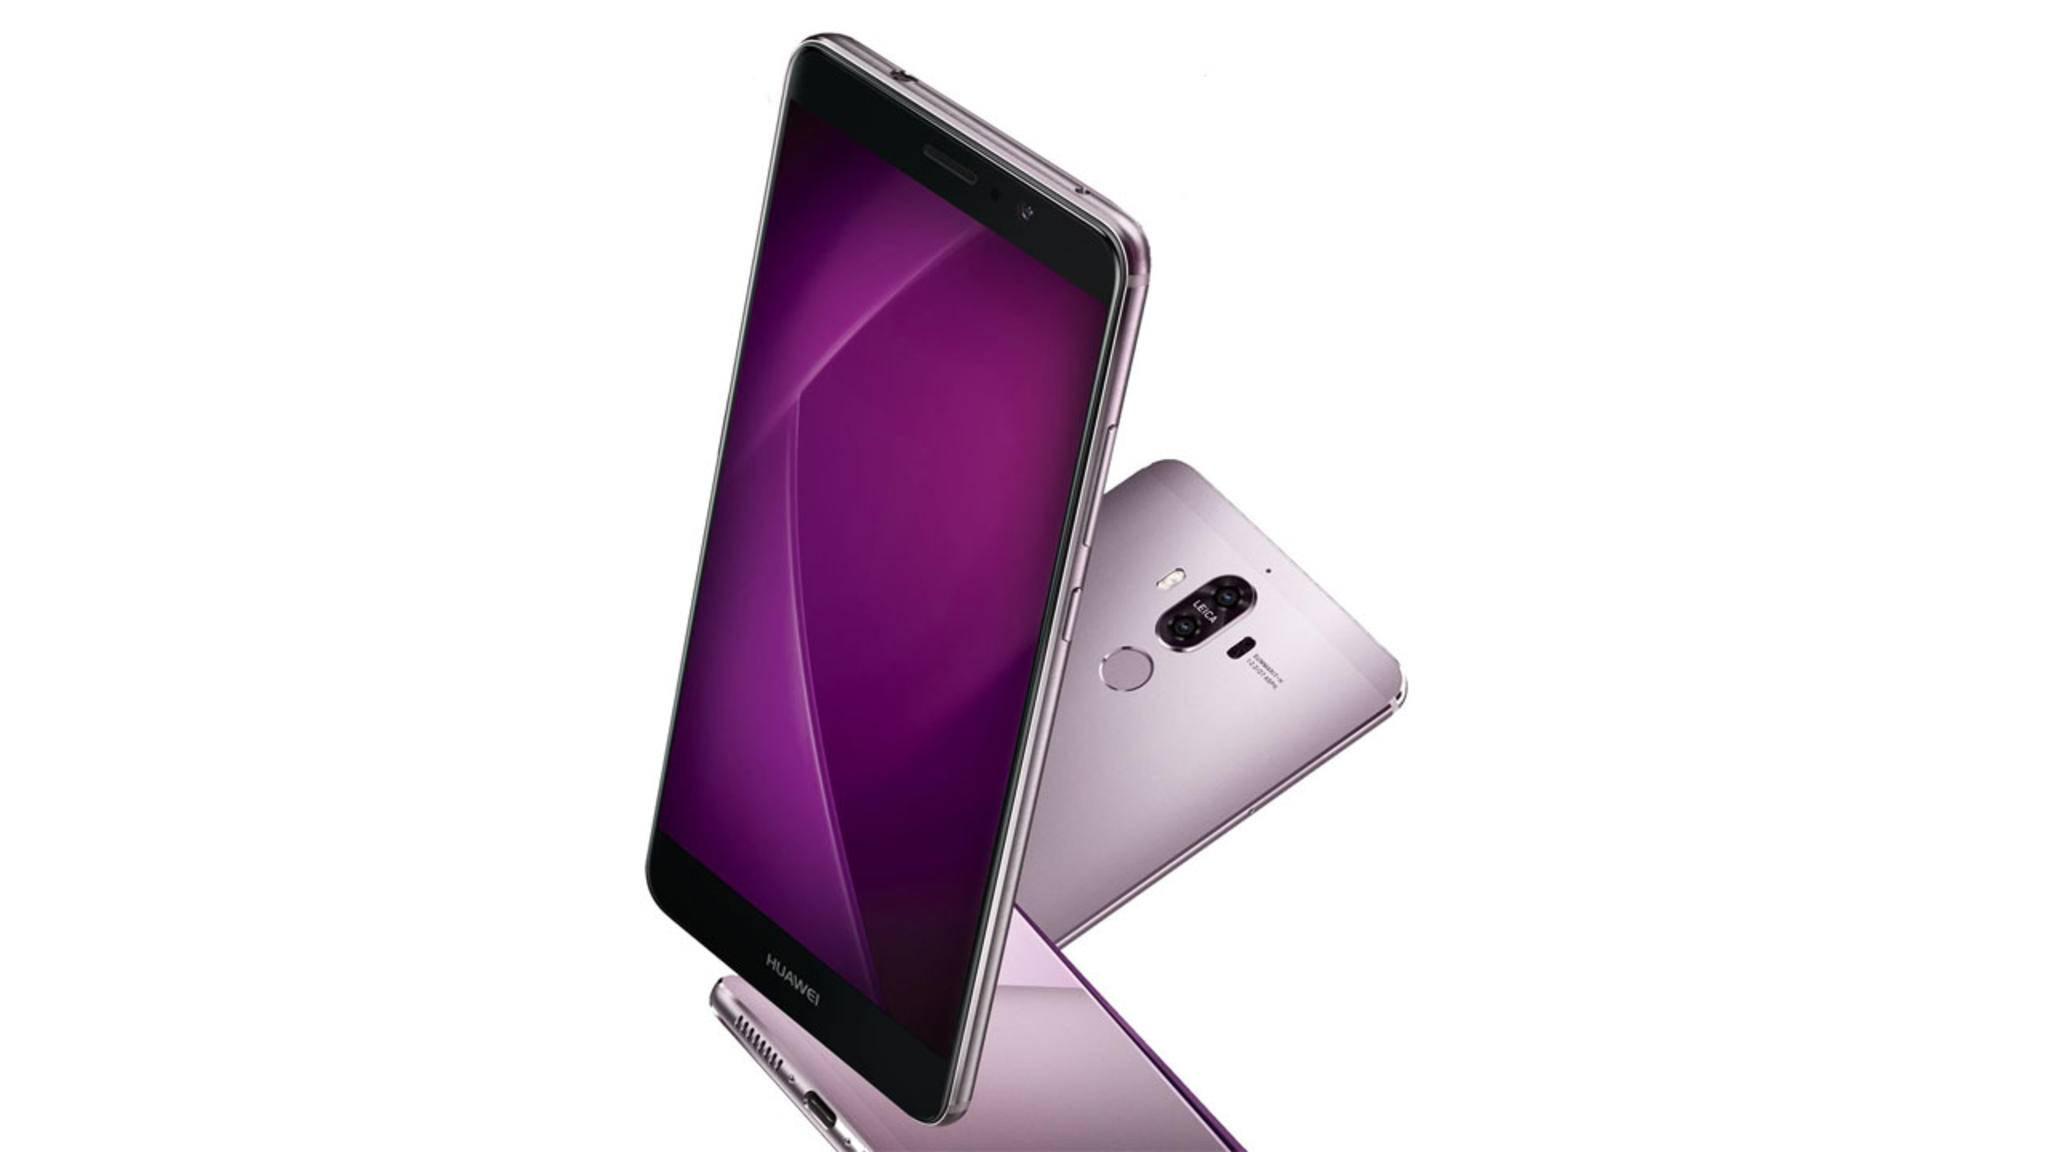 Das Huawei Mate 9 soll einen Edge-Screen bekommen.